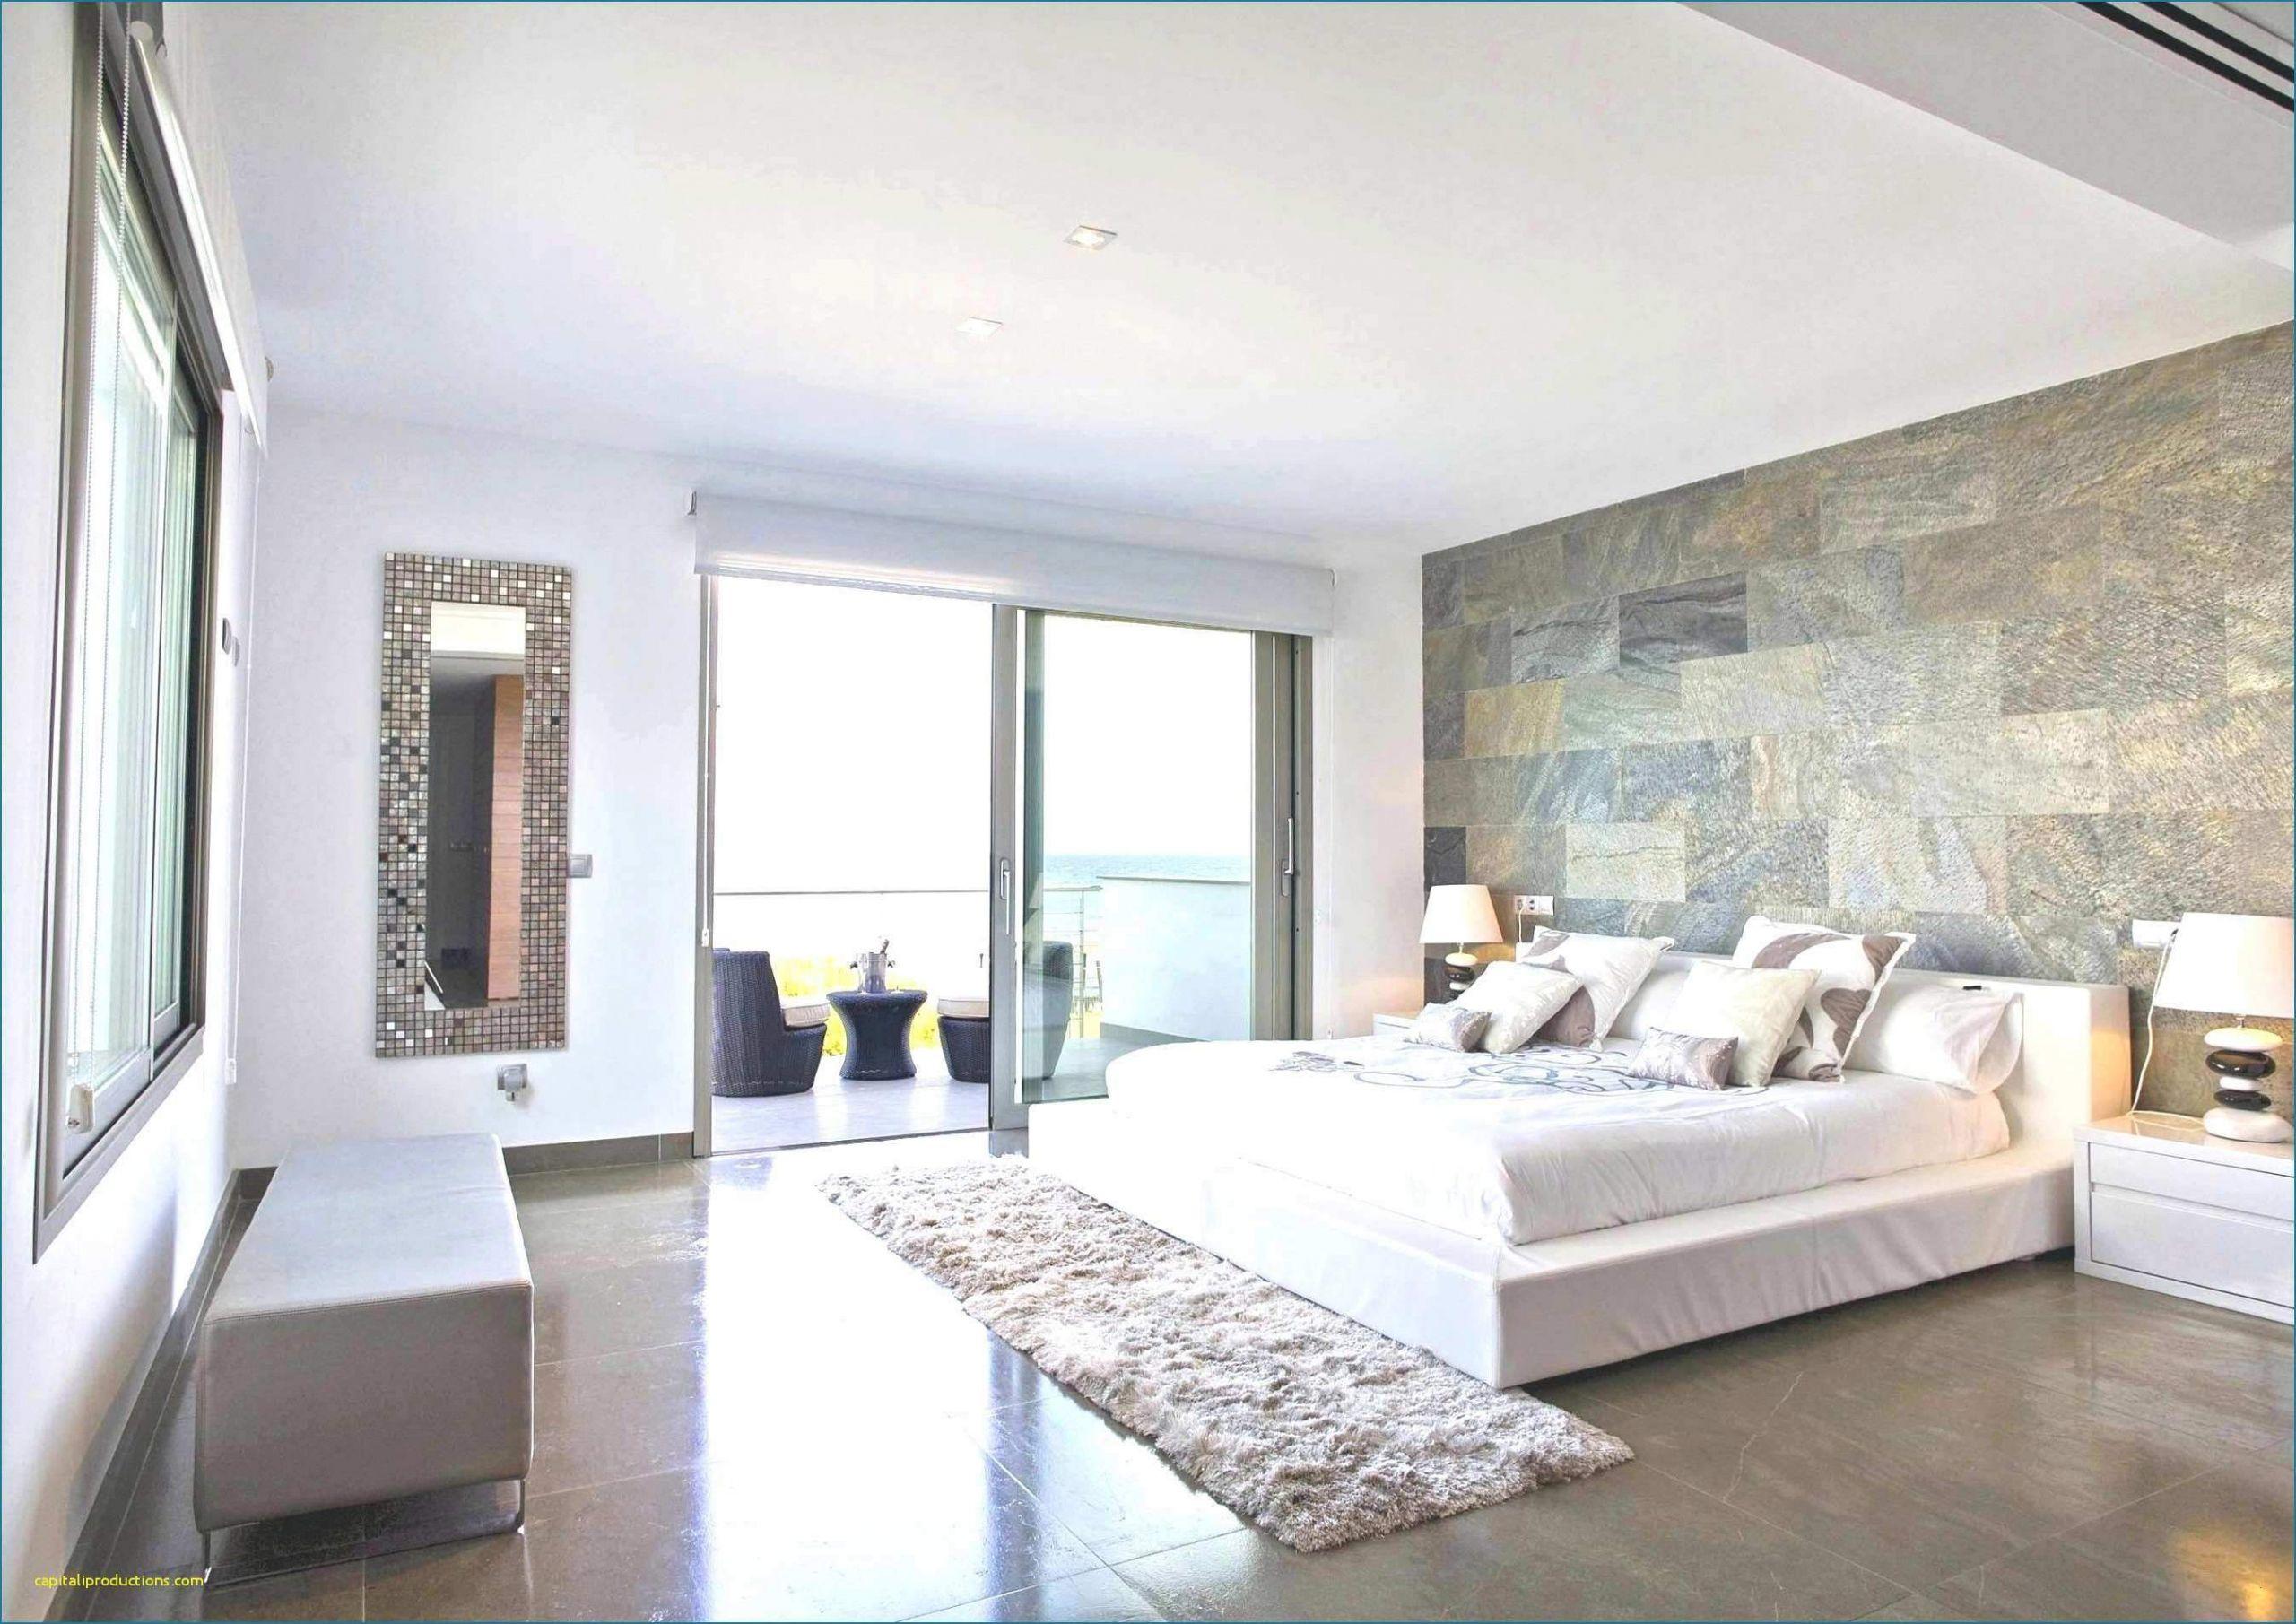 wanddeko fur wohnzimmer neu 45 beste von wanddeko fur wohnzimmer design of wanddeko fur wohnzimmer 1 scaled